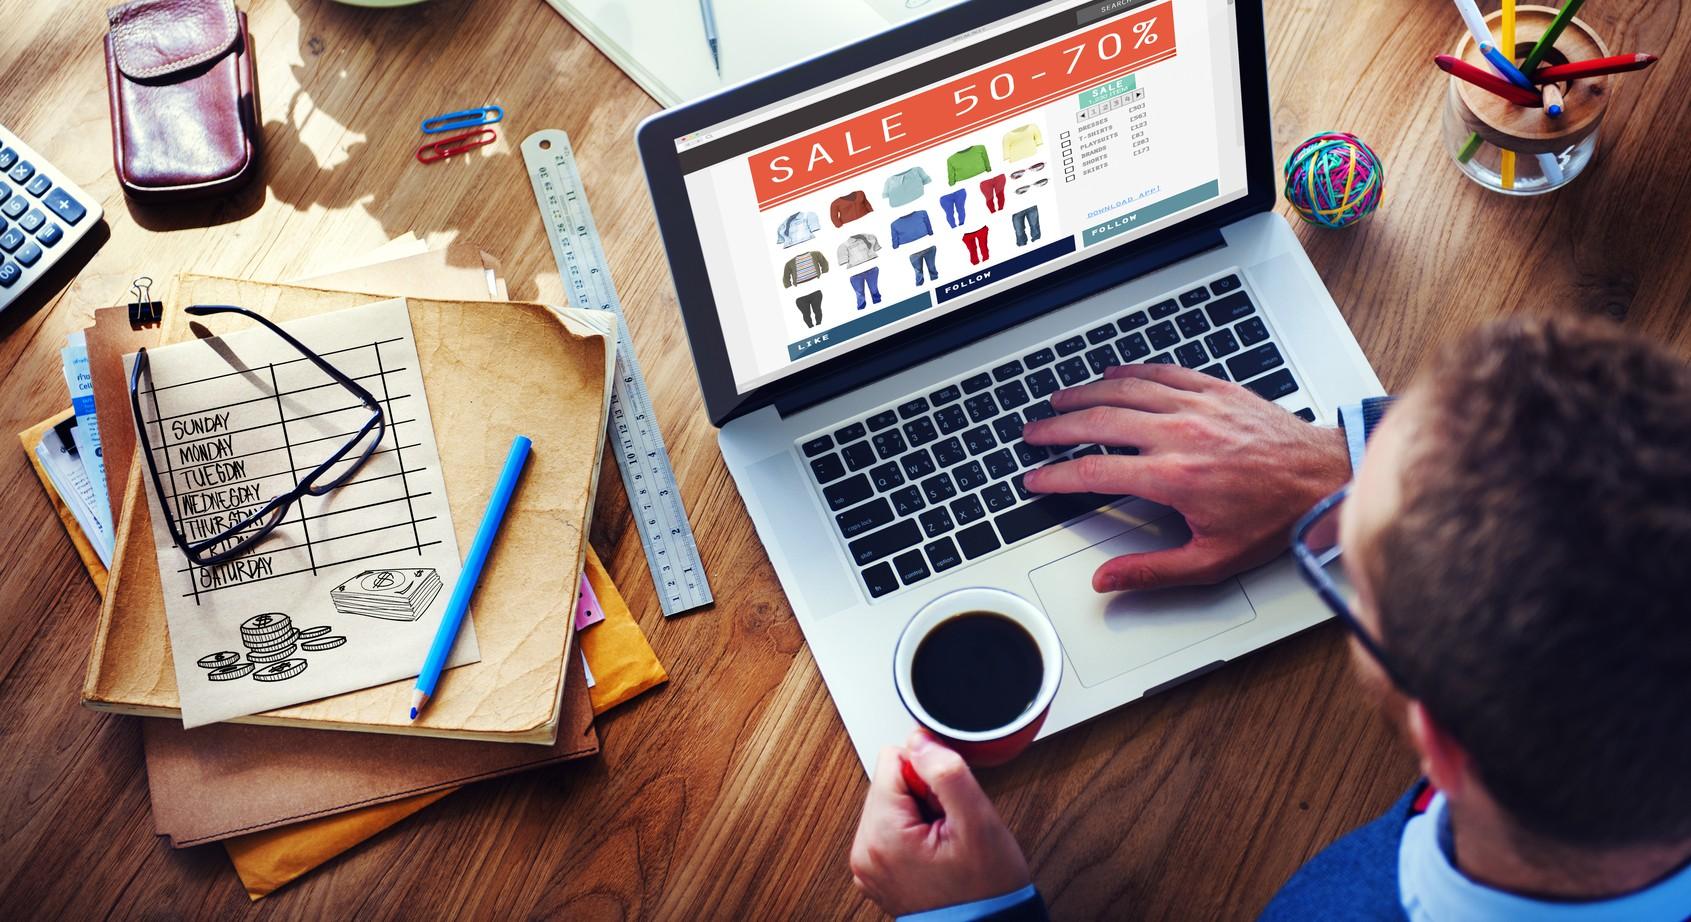 21 мая состоится бесплатная онлайн-конференция Affiliate Day от WebPromoExperts и Govitall